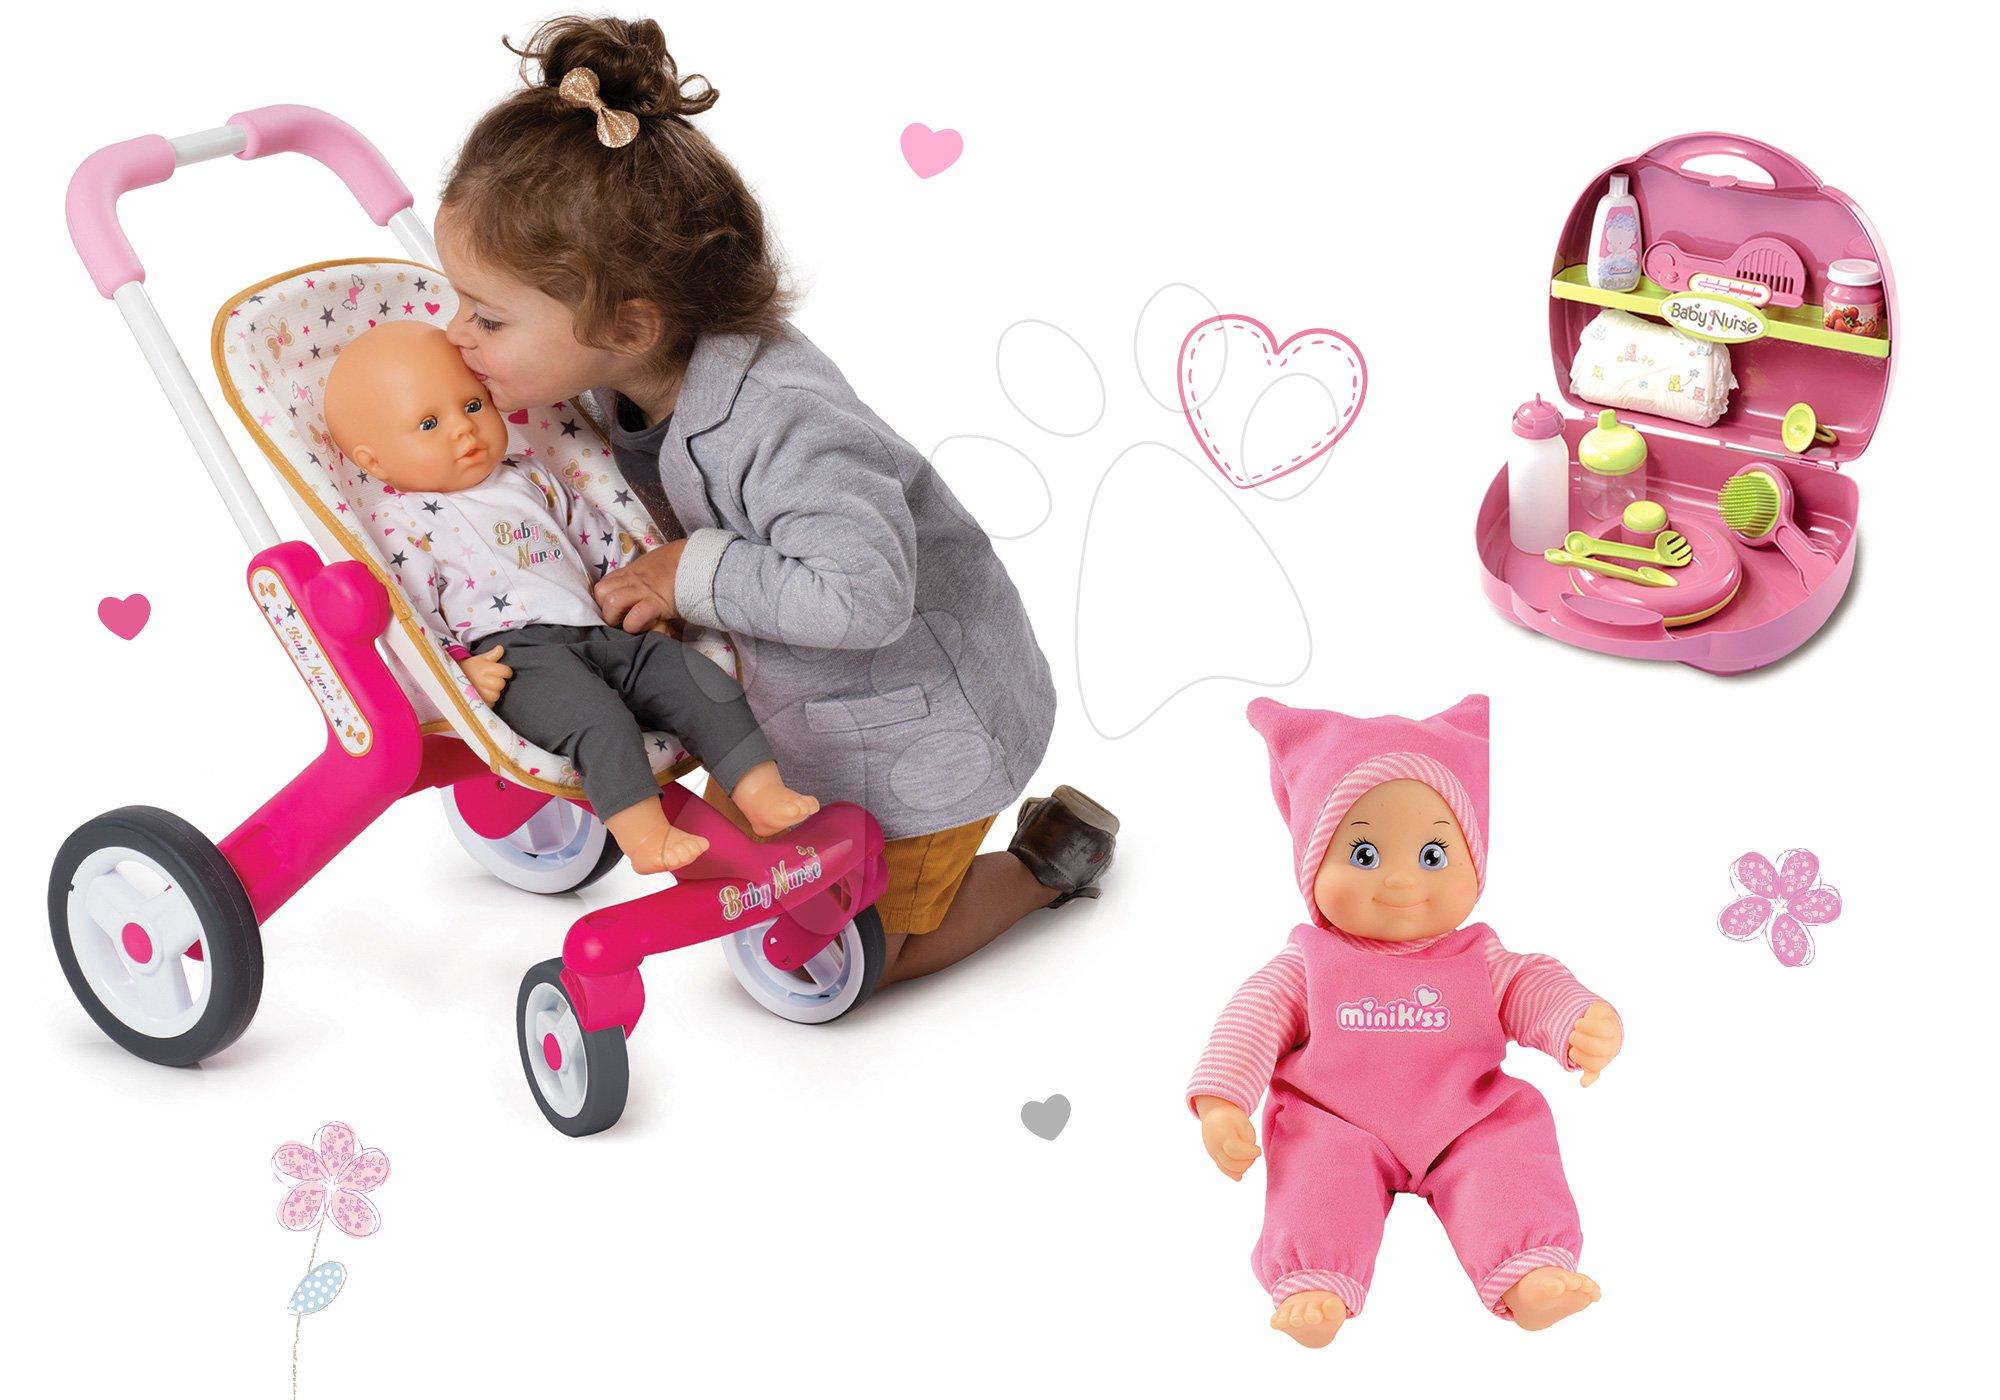 Smoby bábika Minikiss s prebaľovacím setom a kočiarikom 210114-4